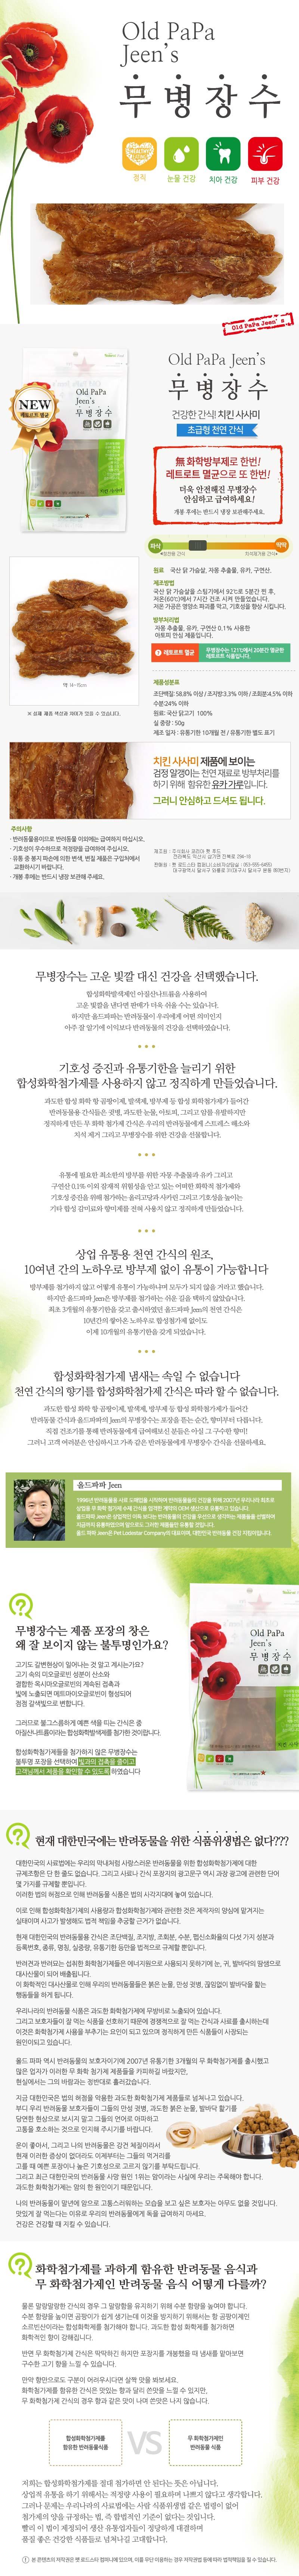 무병장수_치킨사사미(초급형).jpg